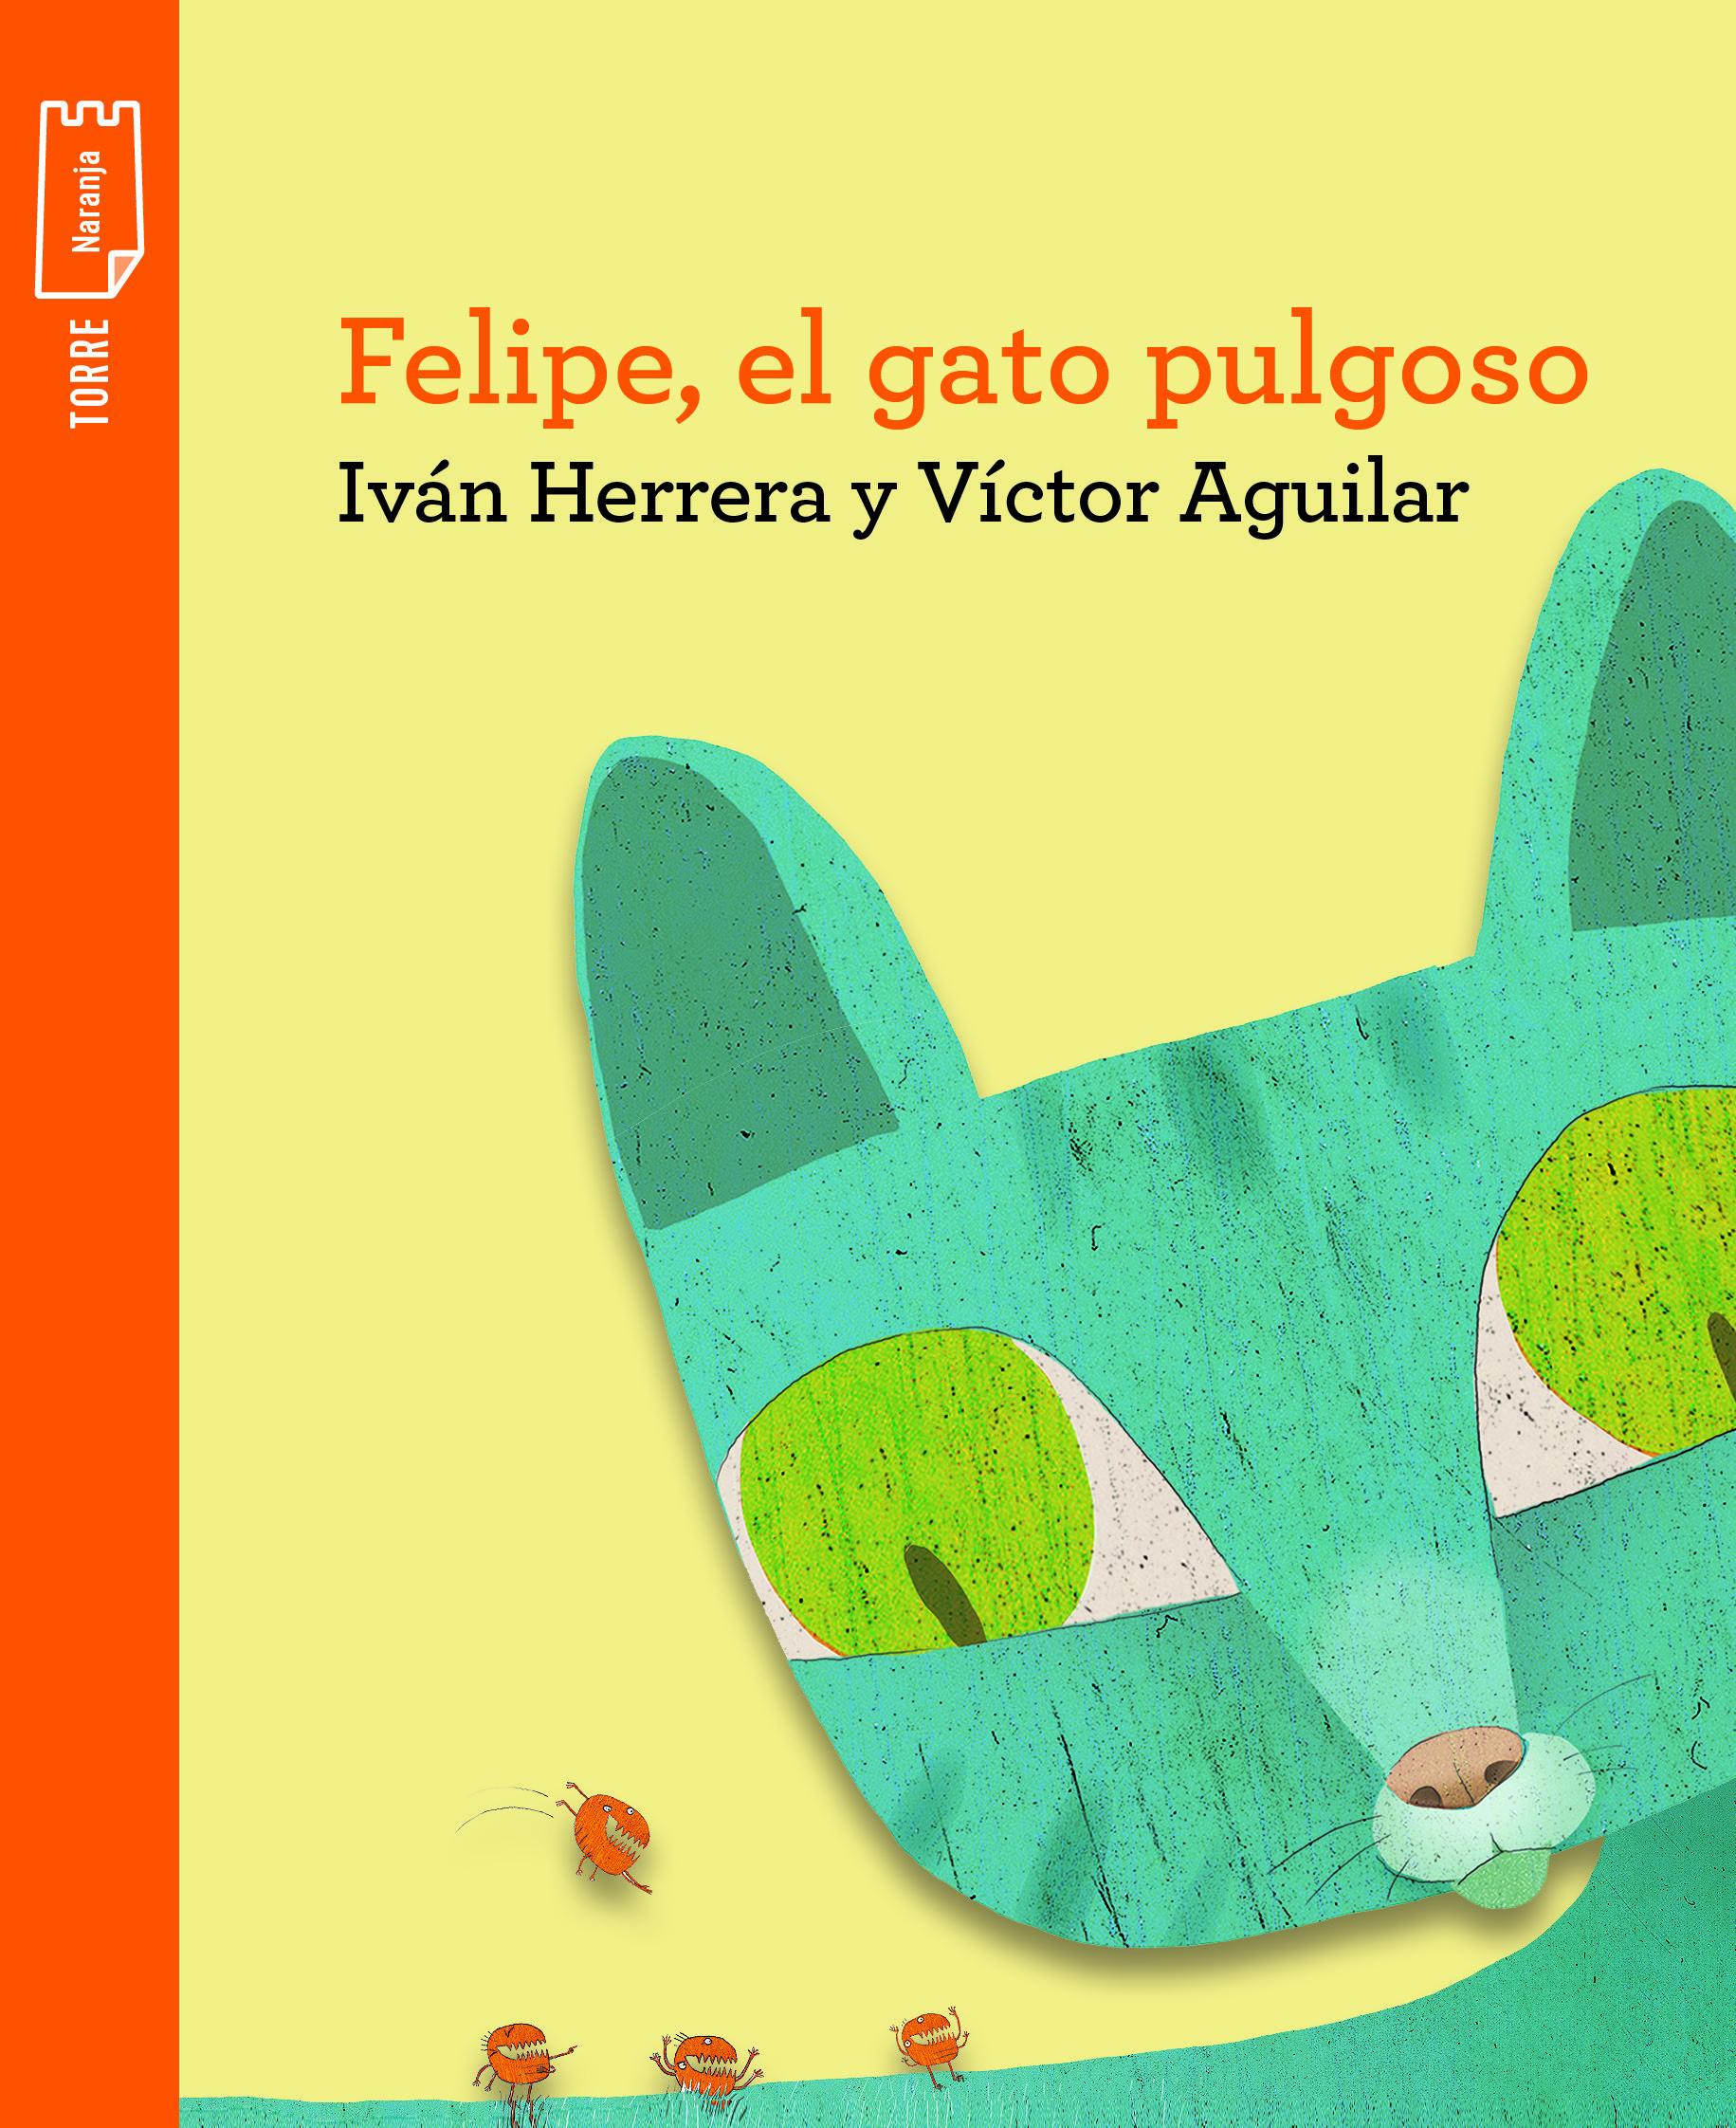 Felipe, el gato pulgoso